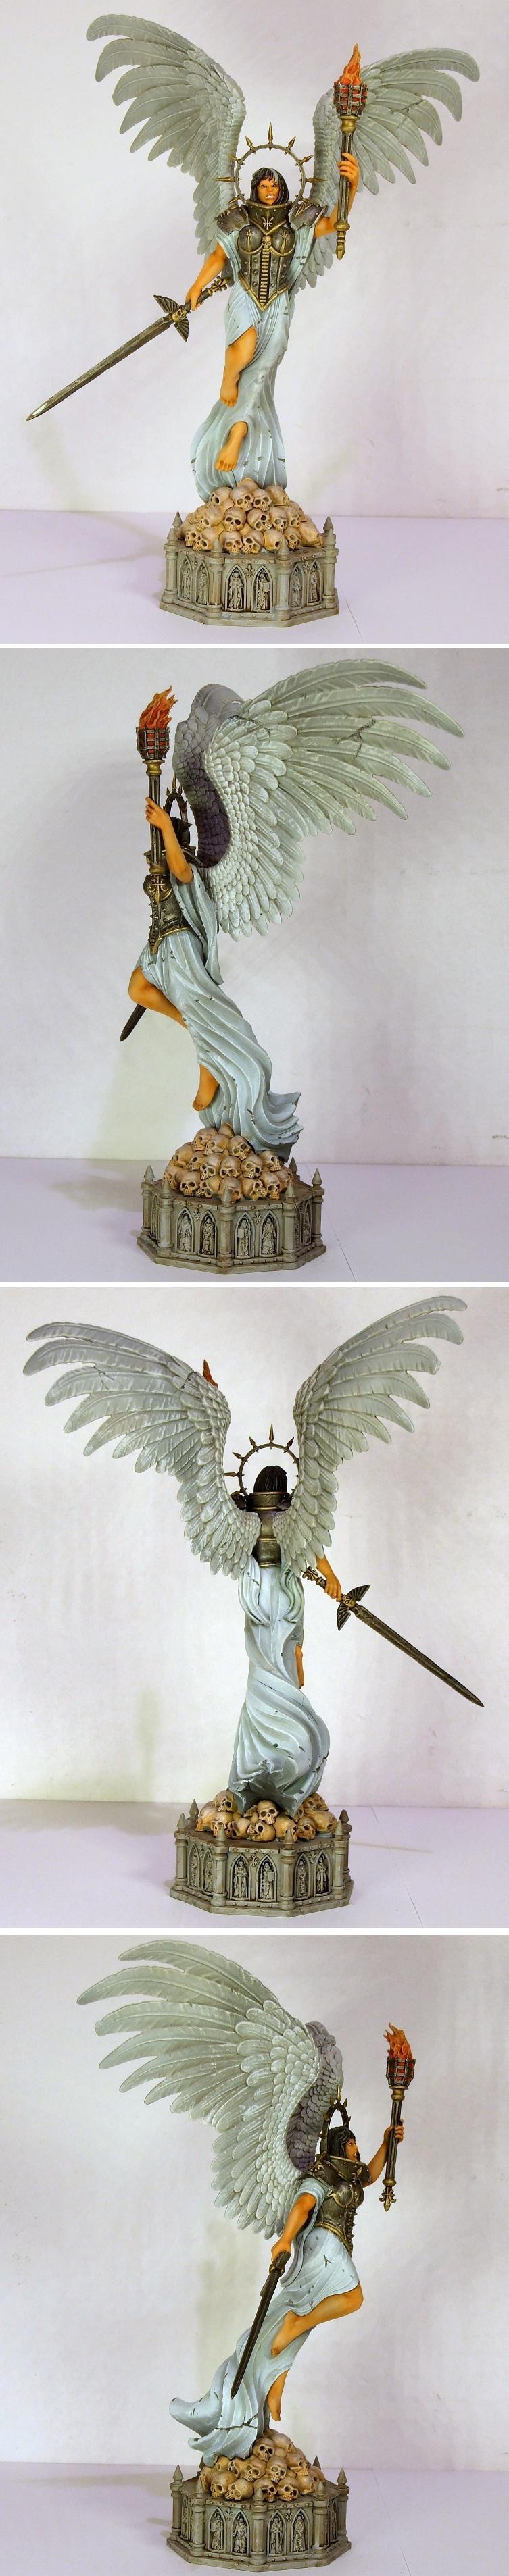 Celestine, Sisters Of Battle, Statue, Terrain, Warhammer 40,000